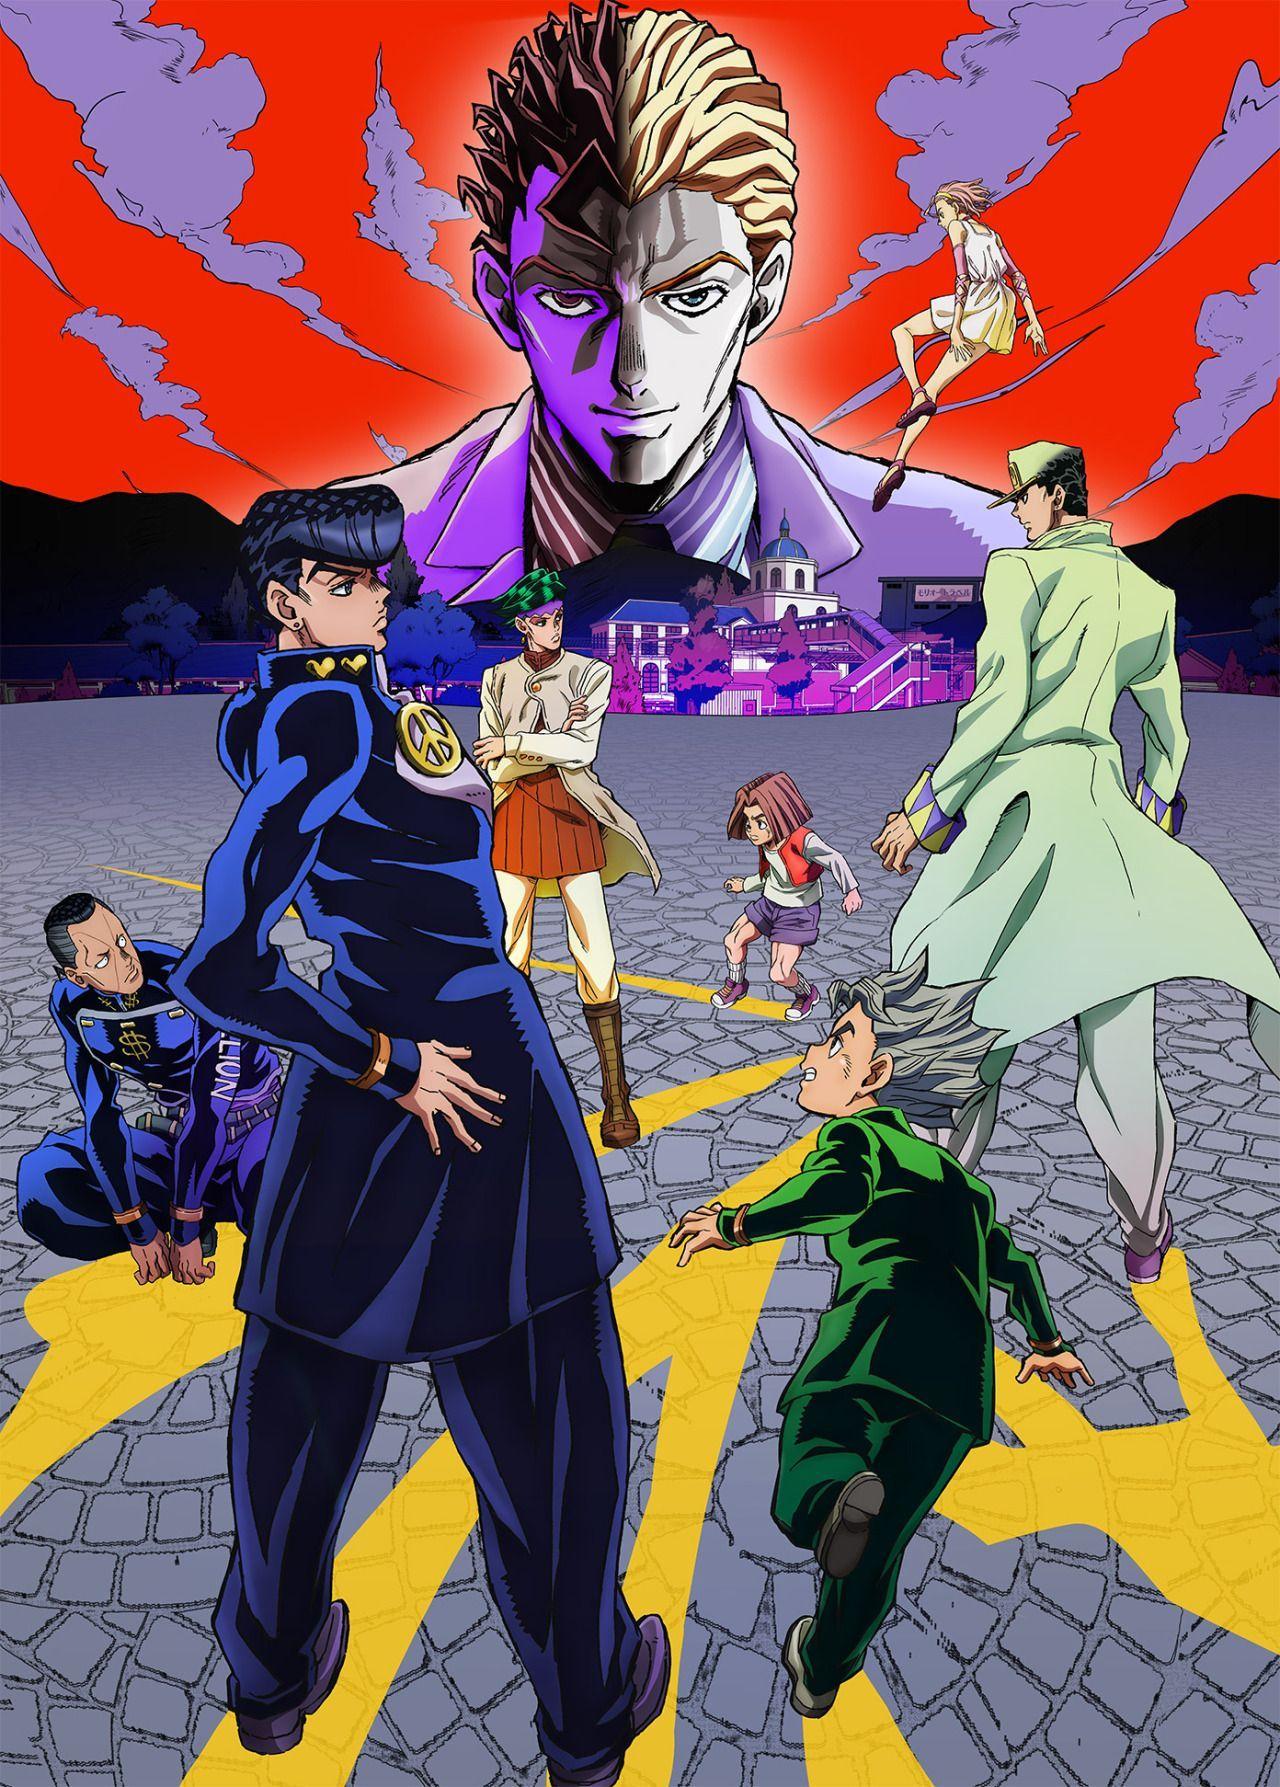 Jojo Bizarre Adventure Anime Jojo S Bizarre Adventure Anime Jojo Bizarre Jojo Bizzare Adventure